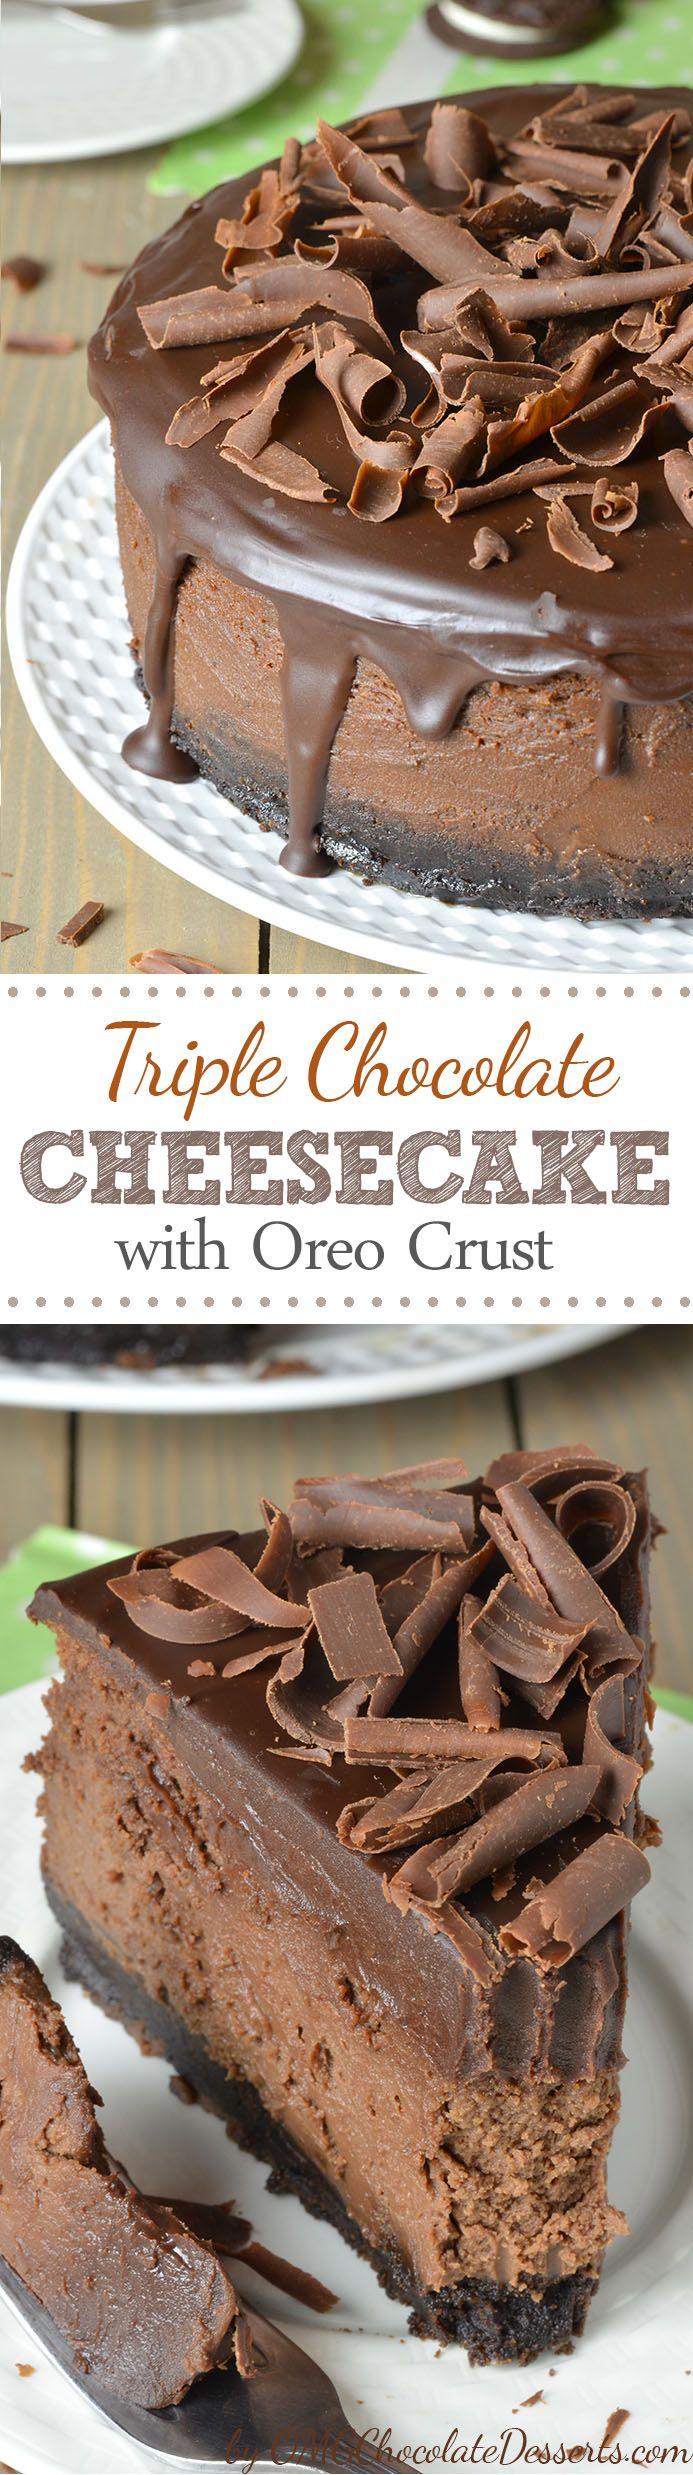 Serviervorschlag - Dekorationstipp - Deko - Torte - Ob ich diese Torte jemals nachmache, wage ich zu bezweifeln: Klingt lecker, aber auch ganz furchtbar süß.